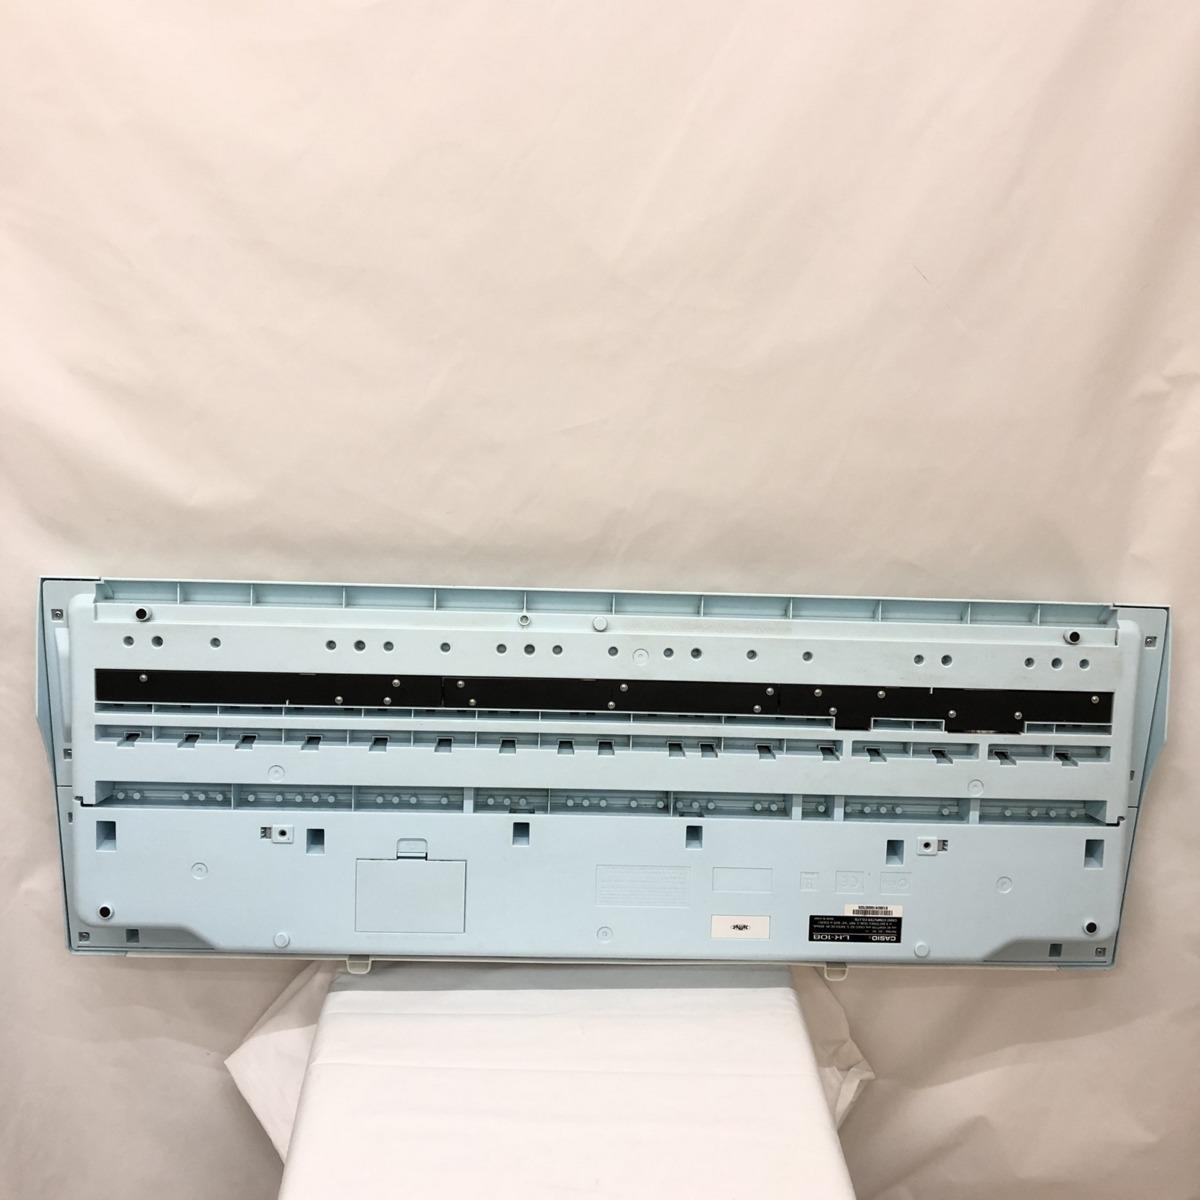 中古 CASIO カシオ 電子キーボード 光ナビゲーション LK-108 61鍵盤 ホワイト ライトブルー タッチレスポンス 電子ピアノ H15123_画像9